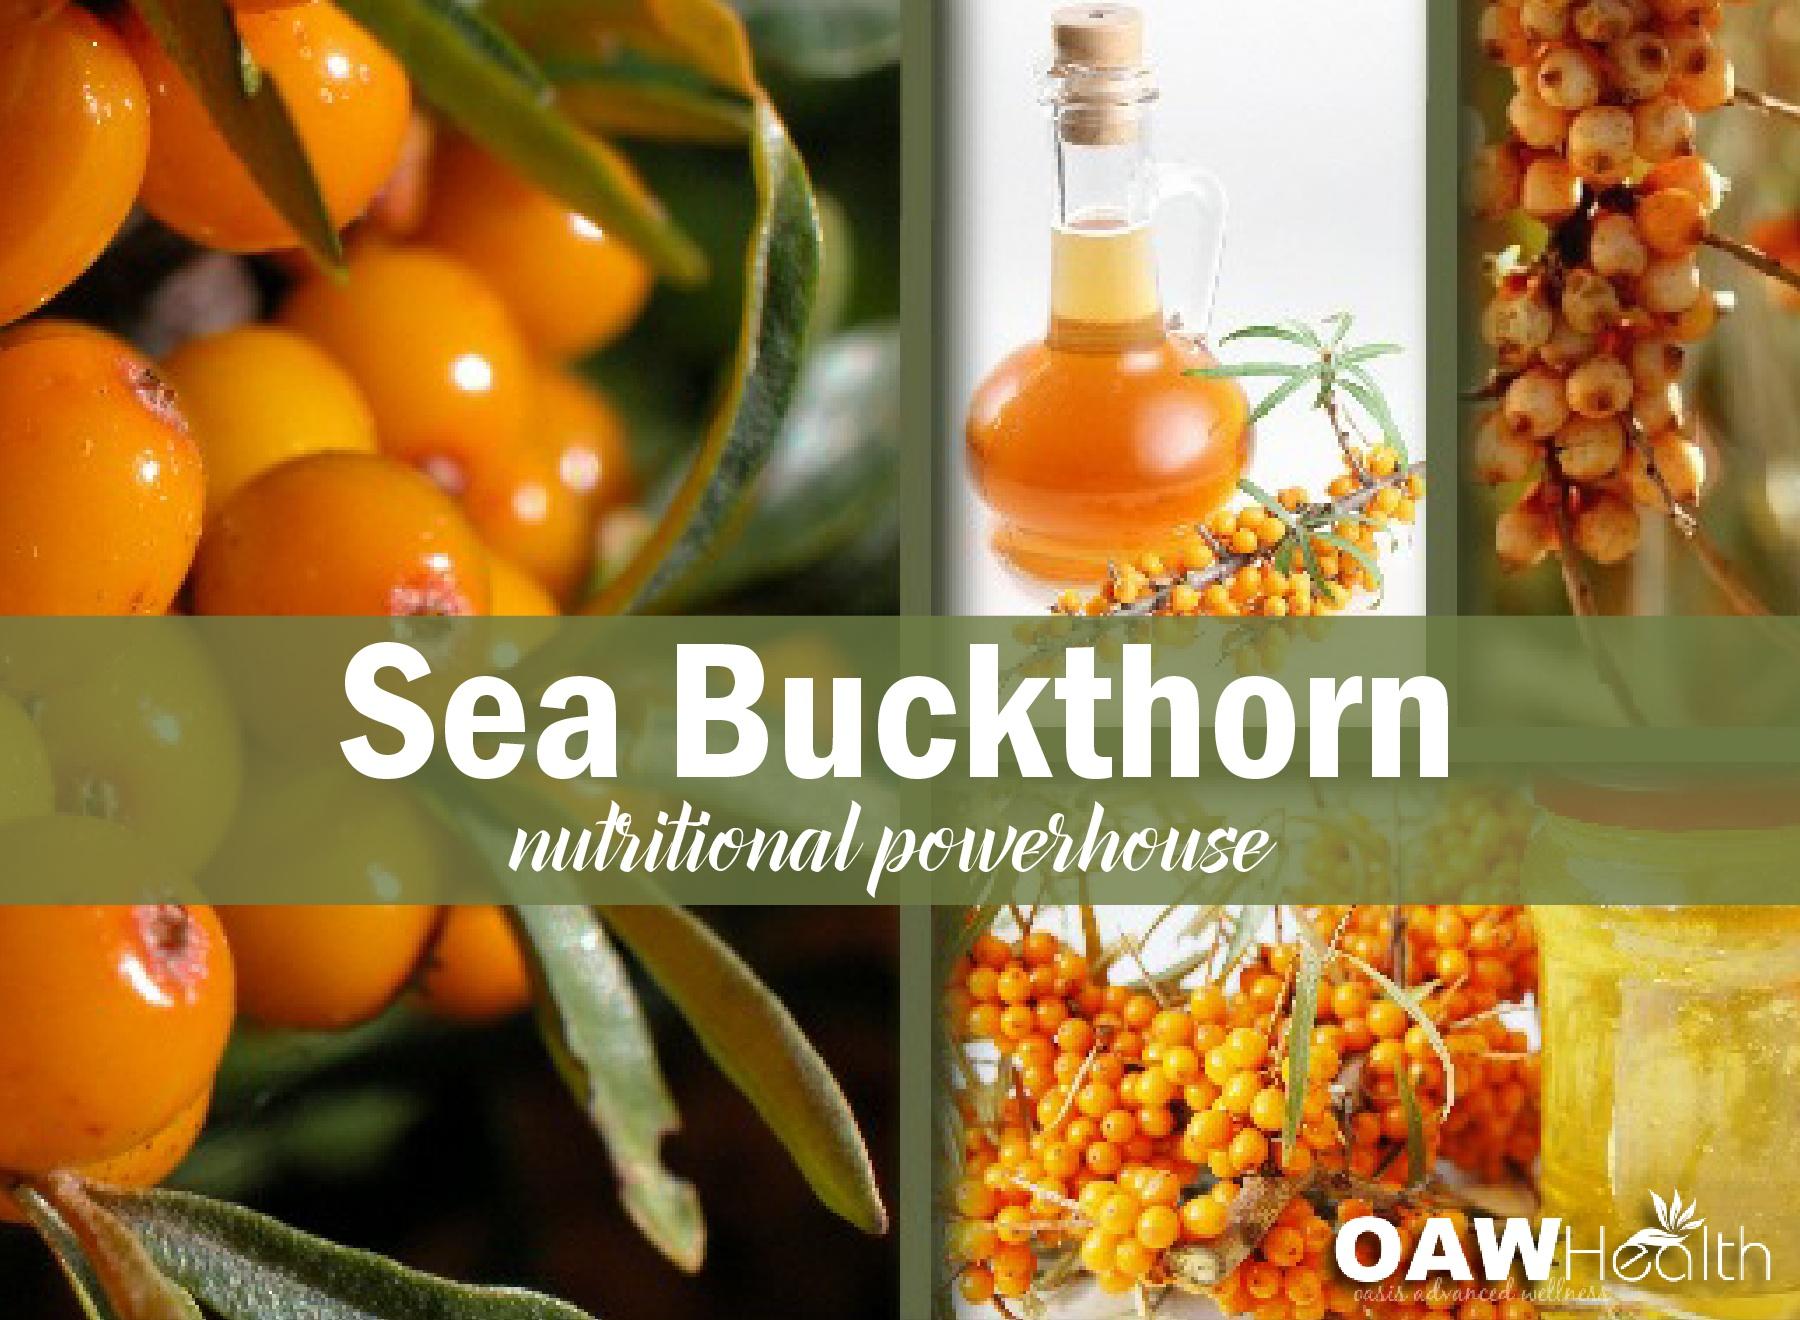 Sea Buckthorn Oil – A Nutritional Powerhouse